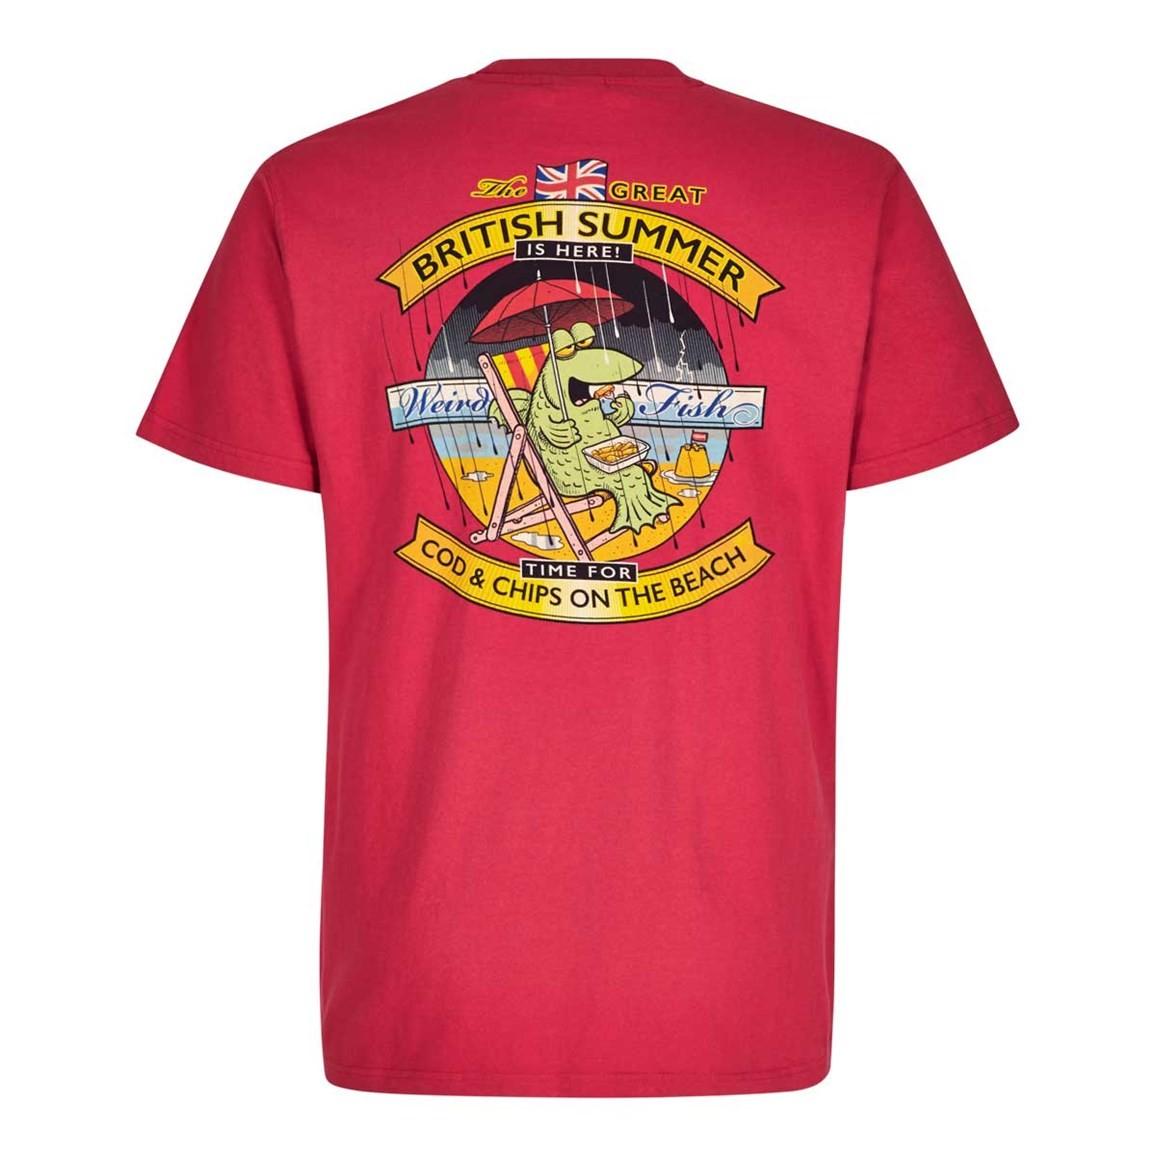 Weird fish cod chips artist t shirt ebay for Weird fish t shirts